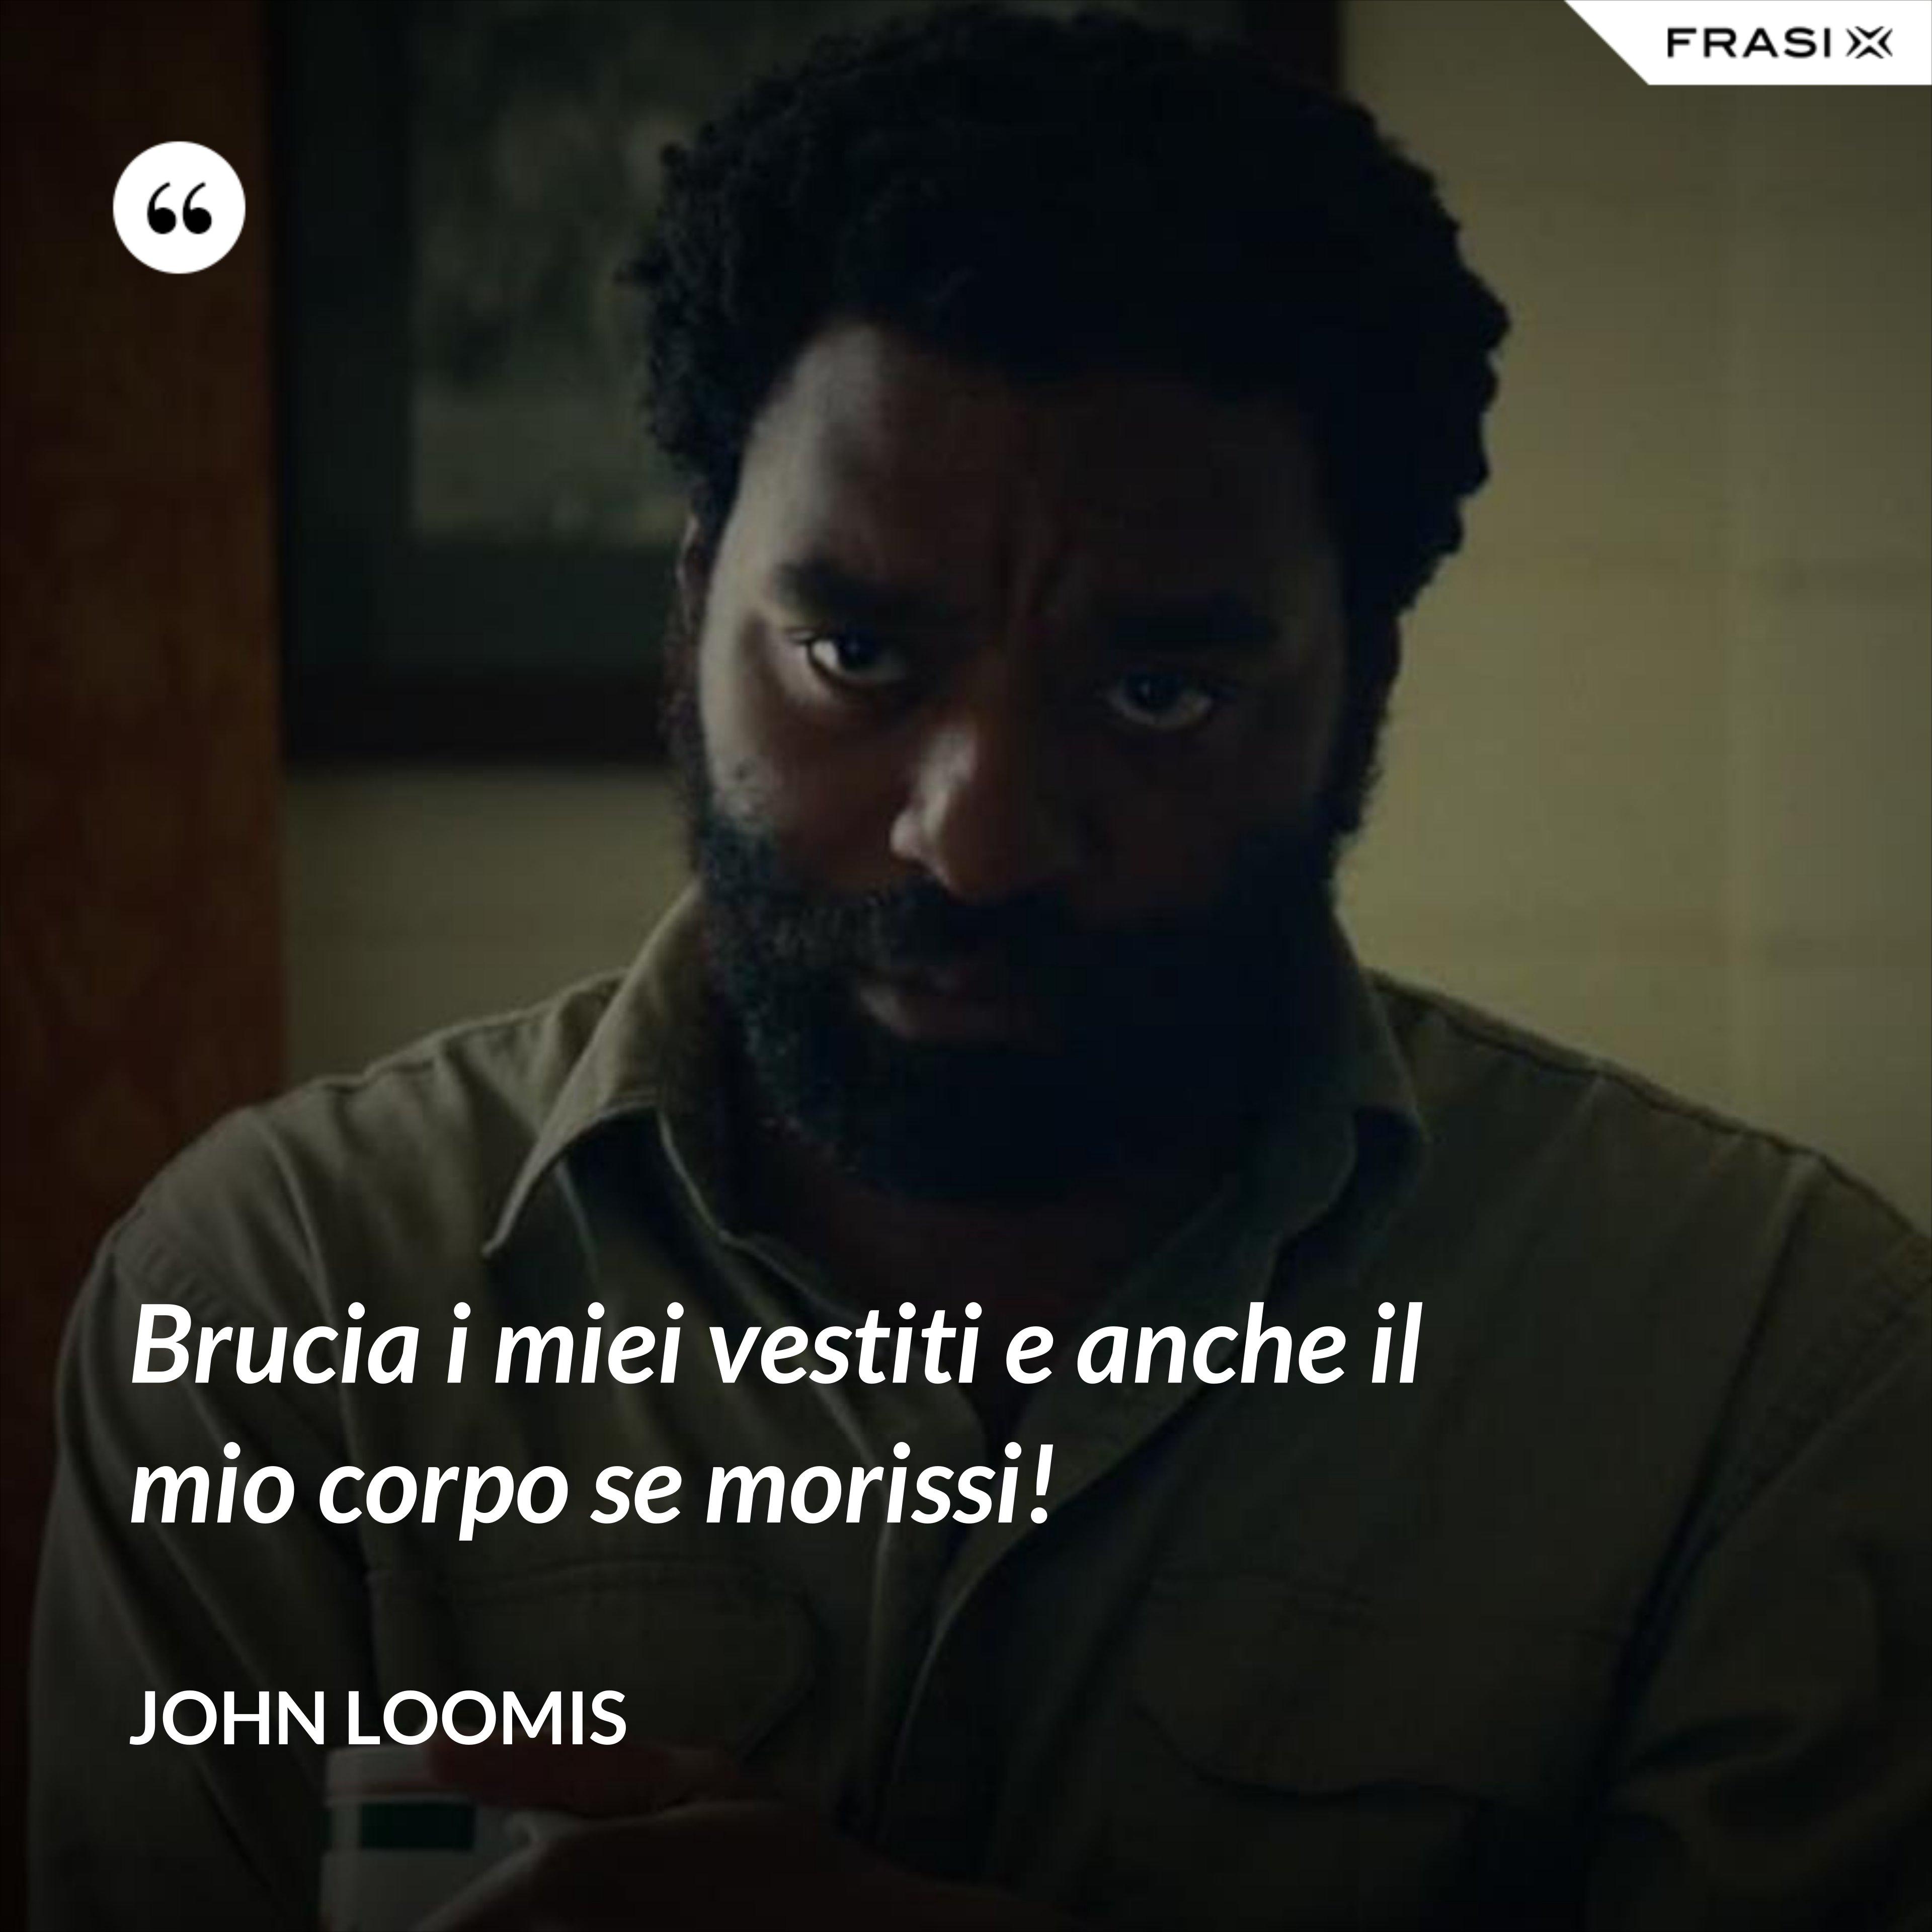 Brucia i miei vestiti e anche il mio corpo se morissi! - John Loomis